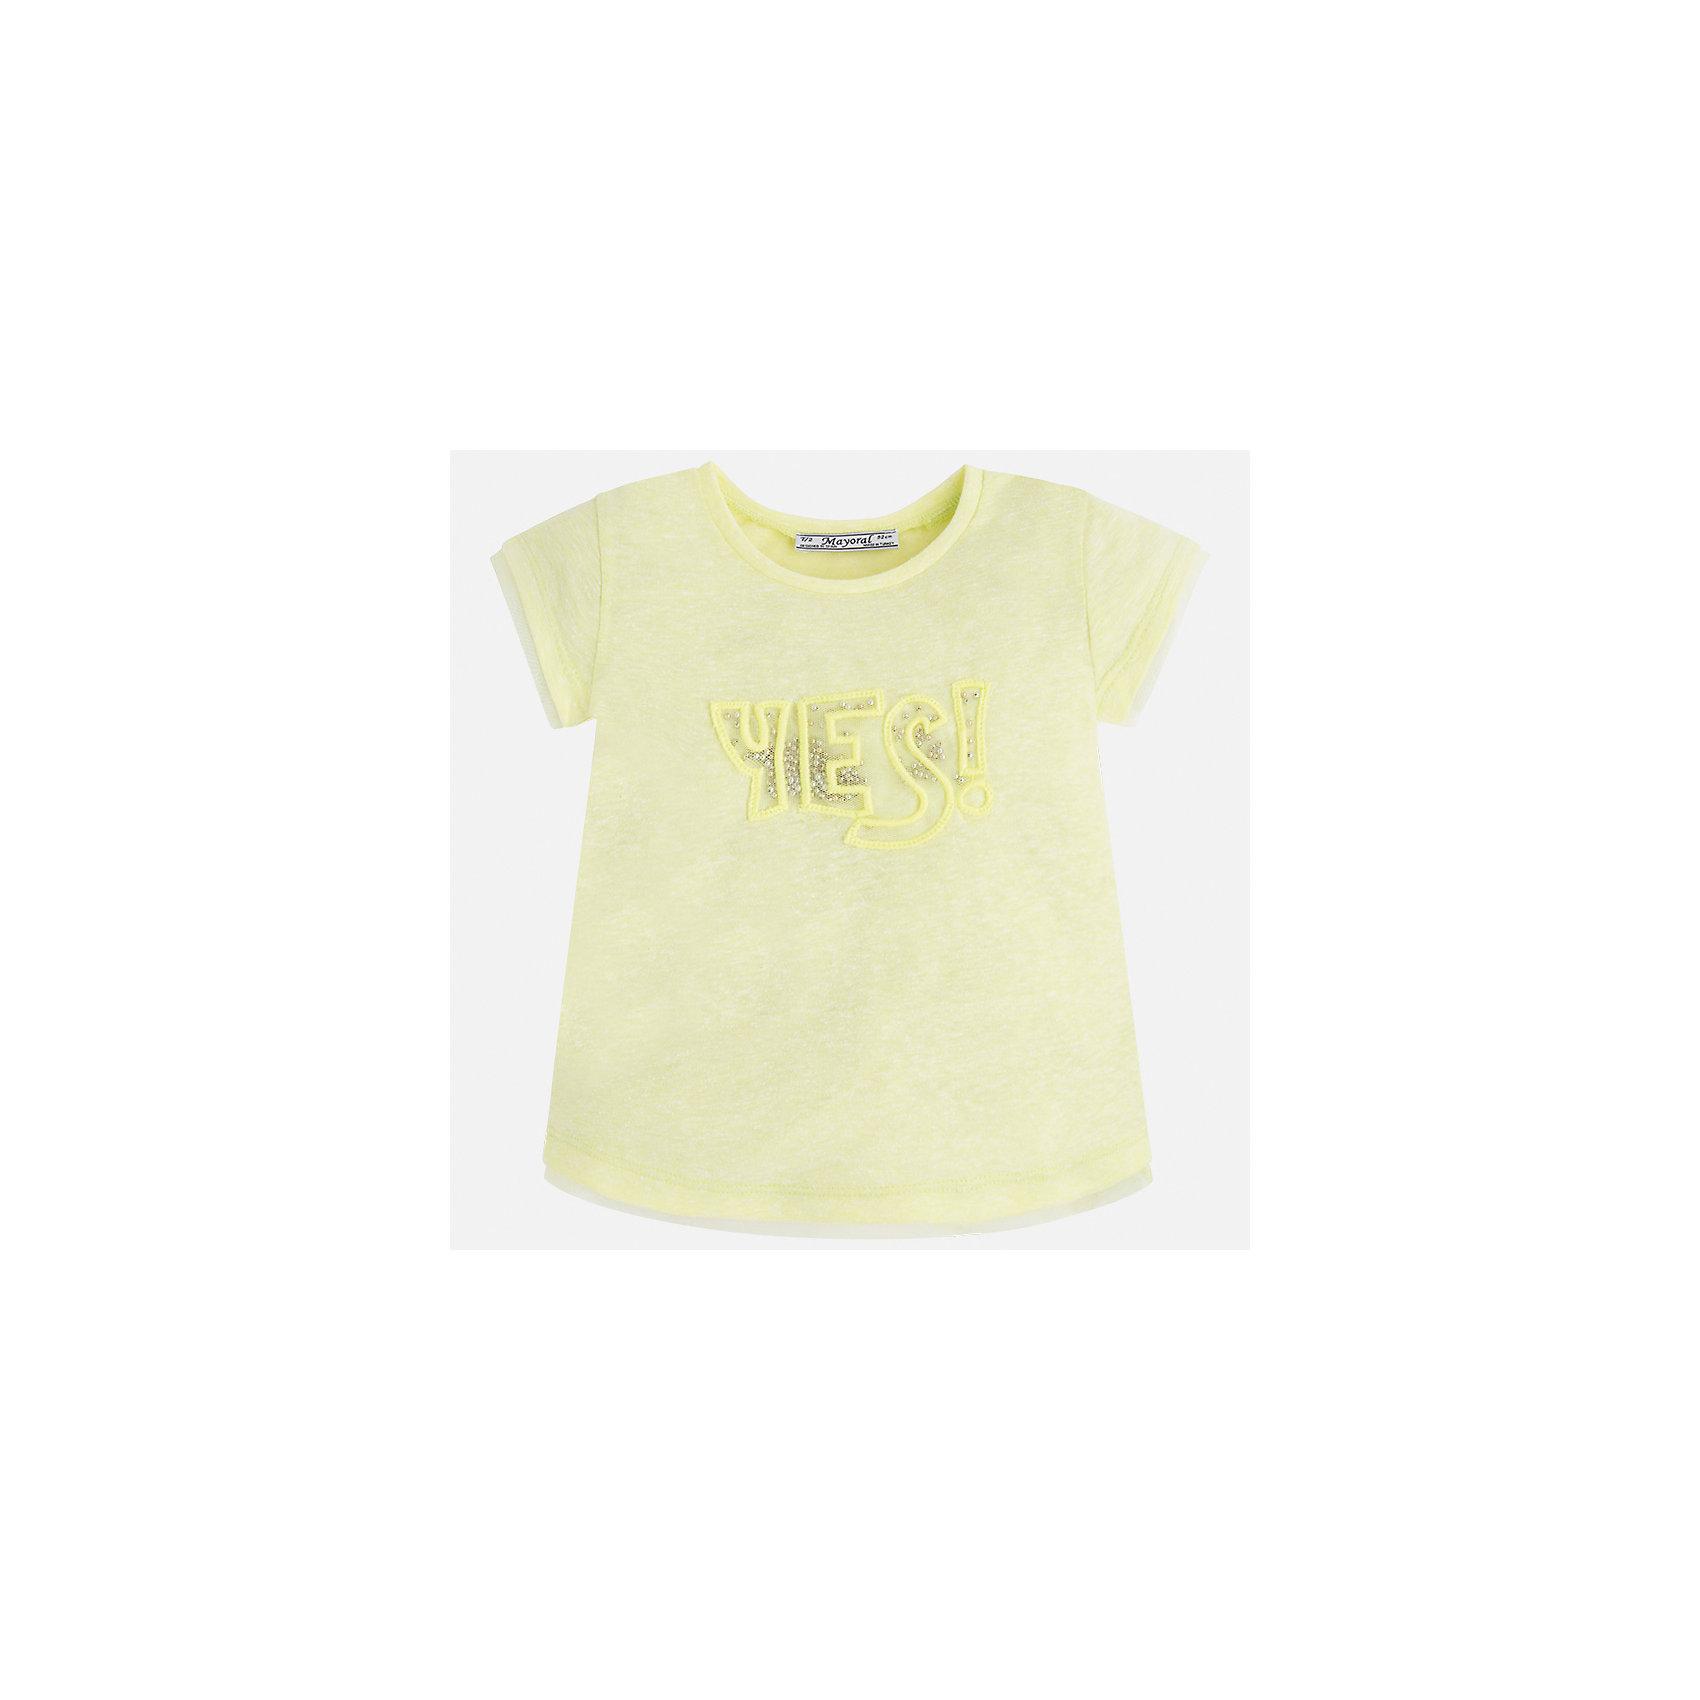 Футболка для девочки MayoralФутболки, поло и топы<br>Характеристики товара:<br><br>• цвет: желтый<br>• состав: 50% хлопок, 50% полиэстер<br>• вышивка<br>• мягкая отделка ворота<br>• короткие рукава<br>• округлый горловой вырез<br>• страна бренда: Испания<br><br>Стильная качественная футболка для девочки поможет разнообразить гардероб ребенка и украсить наряд. Она отлично сочетается и с юбками, и с шортами, и с брюками. Универсальный цвет позволяет подобрать к вещи низ практически любой расцветки. Интересная отделка модели делает её нарядной и оригинальной. В составе ткани преобладает натуральный хлопок, гипоаллергенный, приятный на ощупь, дышащий.<br><br>Одежда, обувь и аксессуары от испанского бренда Mayoral полюбились детям и взрослым по всему миру. Модели этой марки - стильные и удобные. Для их производства используются только безопасные, качественные материалы и фурнитура. Порадуйте ребенка модными и красивыми вещами от Mayoral! <br><br>Футболку для девочки от испанского бренда Mayoral (Майорал) можно купить в нашем интернет-магазине.<br><br>Ширина мм: 199<br>Глубина мм: 10<br>Высота мм: 161<br>Вес г: 151<br>Цвет: желтый<br>Возраст от месяцев: 84<br>Возраст до месяцев: 96<br>Пол: Женский<br>Возраст: Детский<br>Размер: 116,122,128,134,92,98,104,110<br>SKU: 5289416